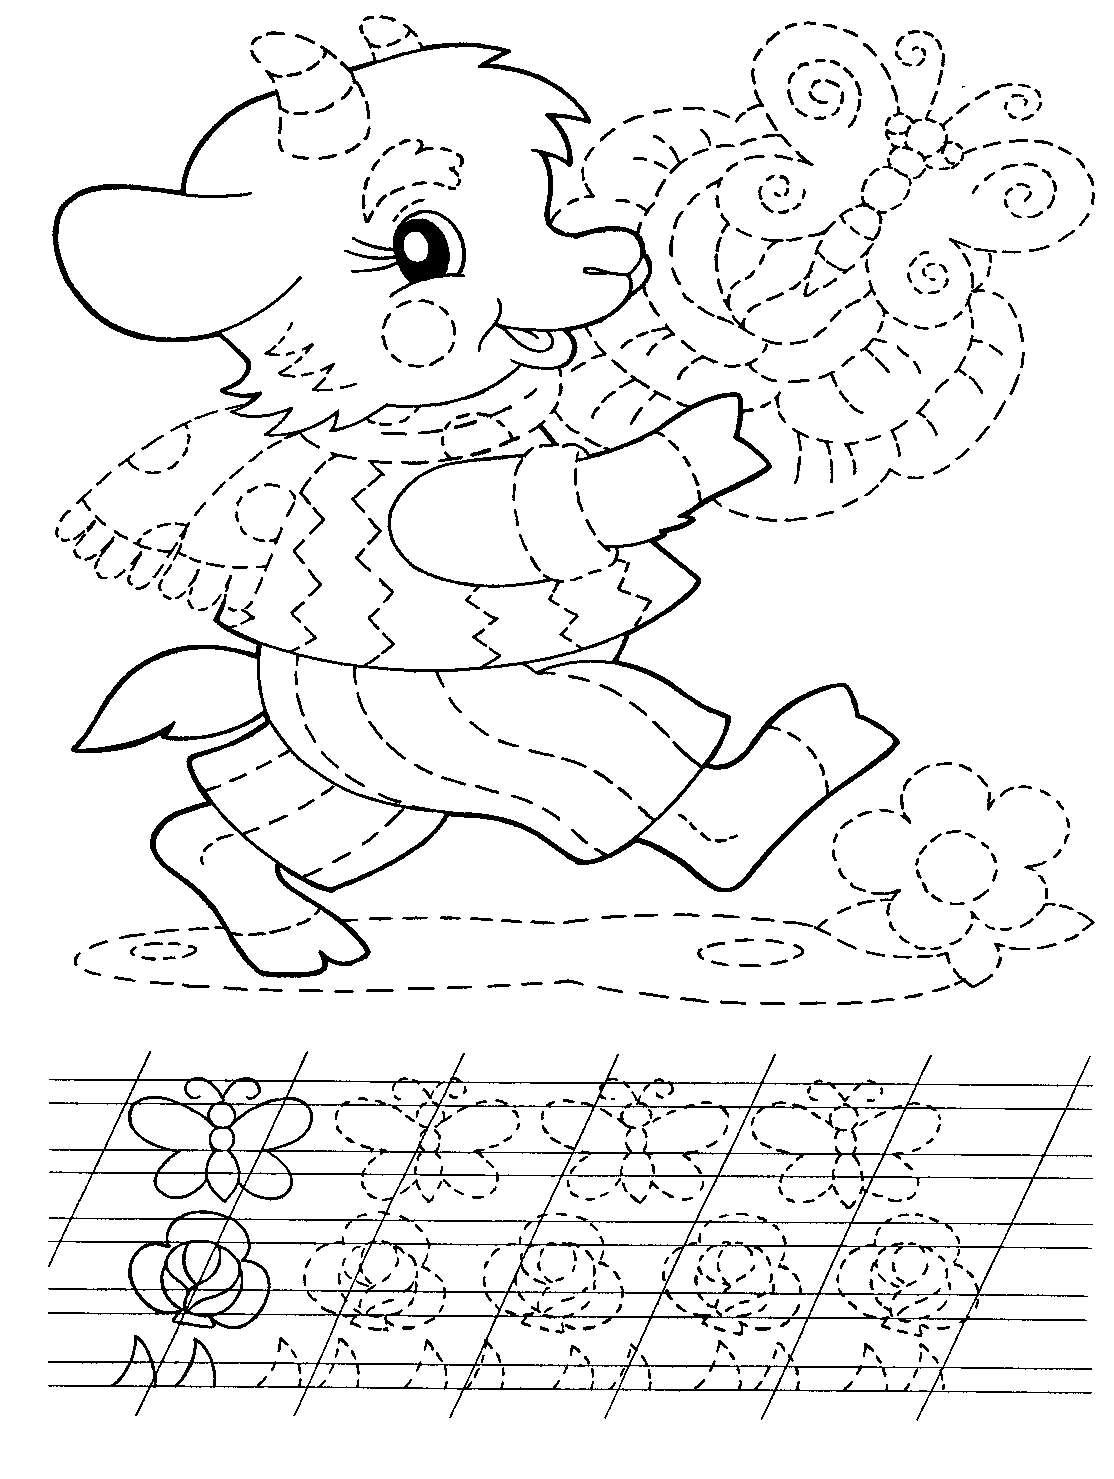 Раскраска для детей идущих в школу